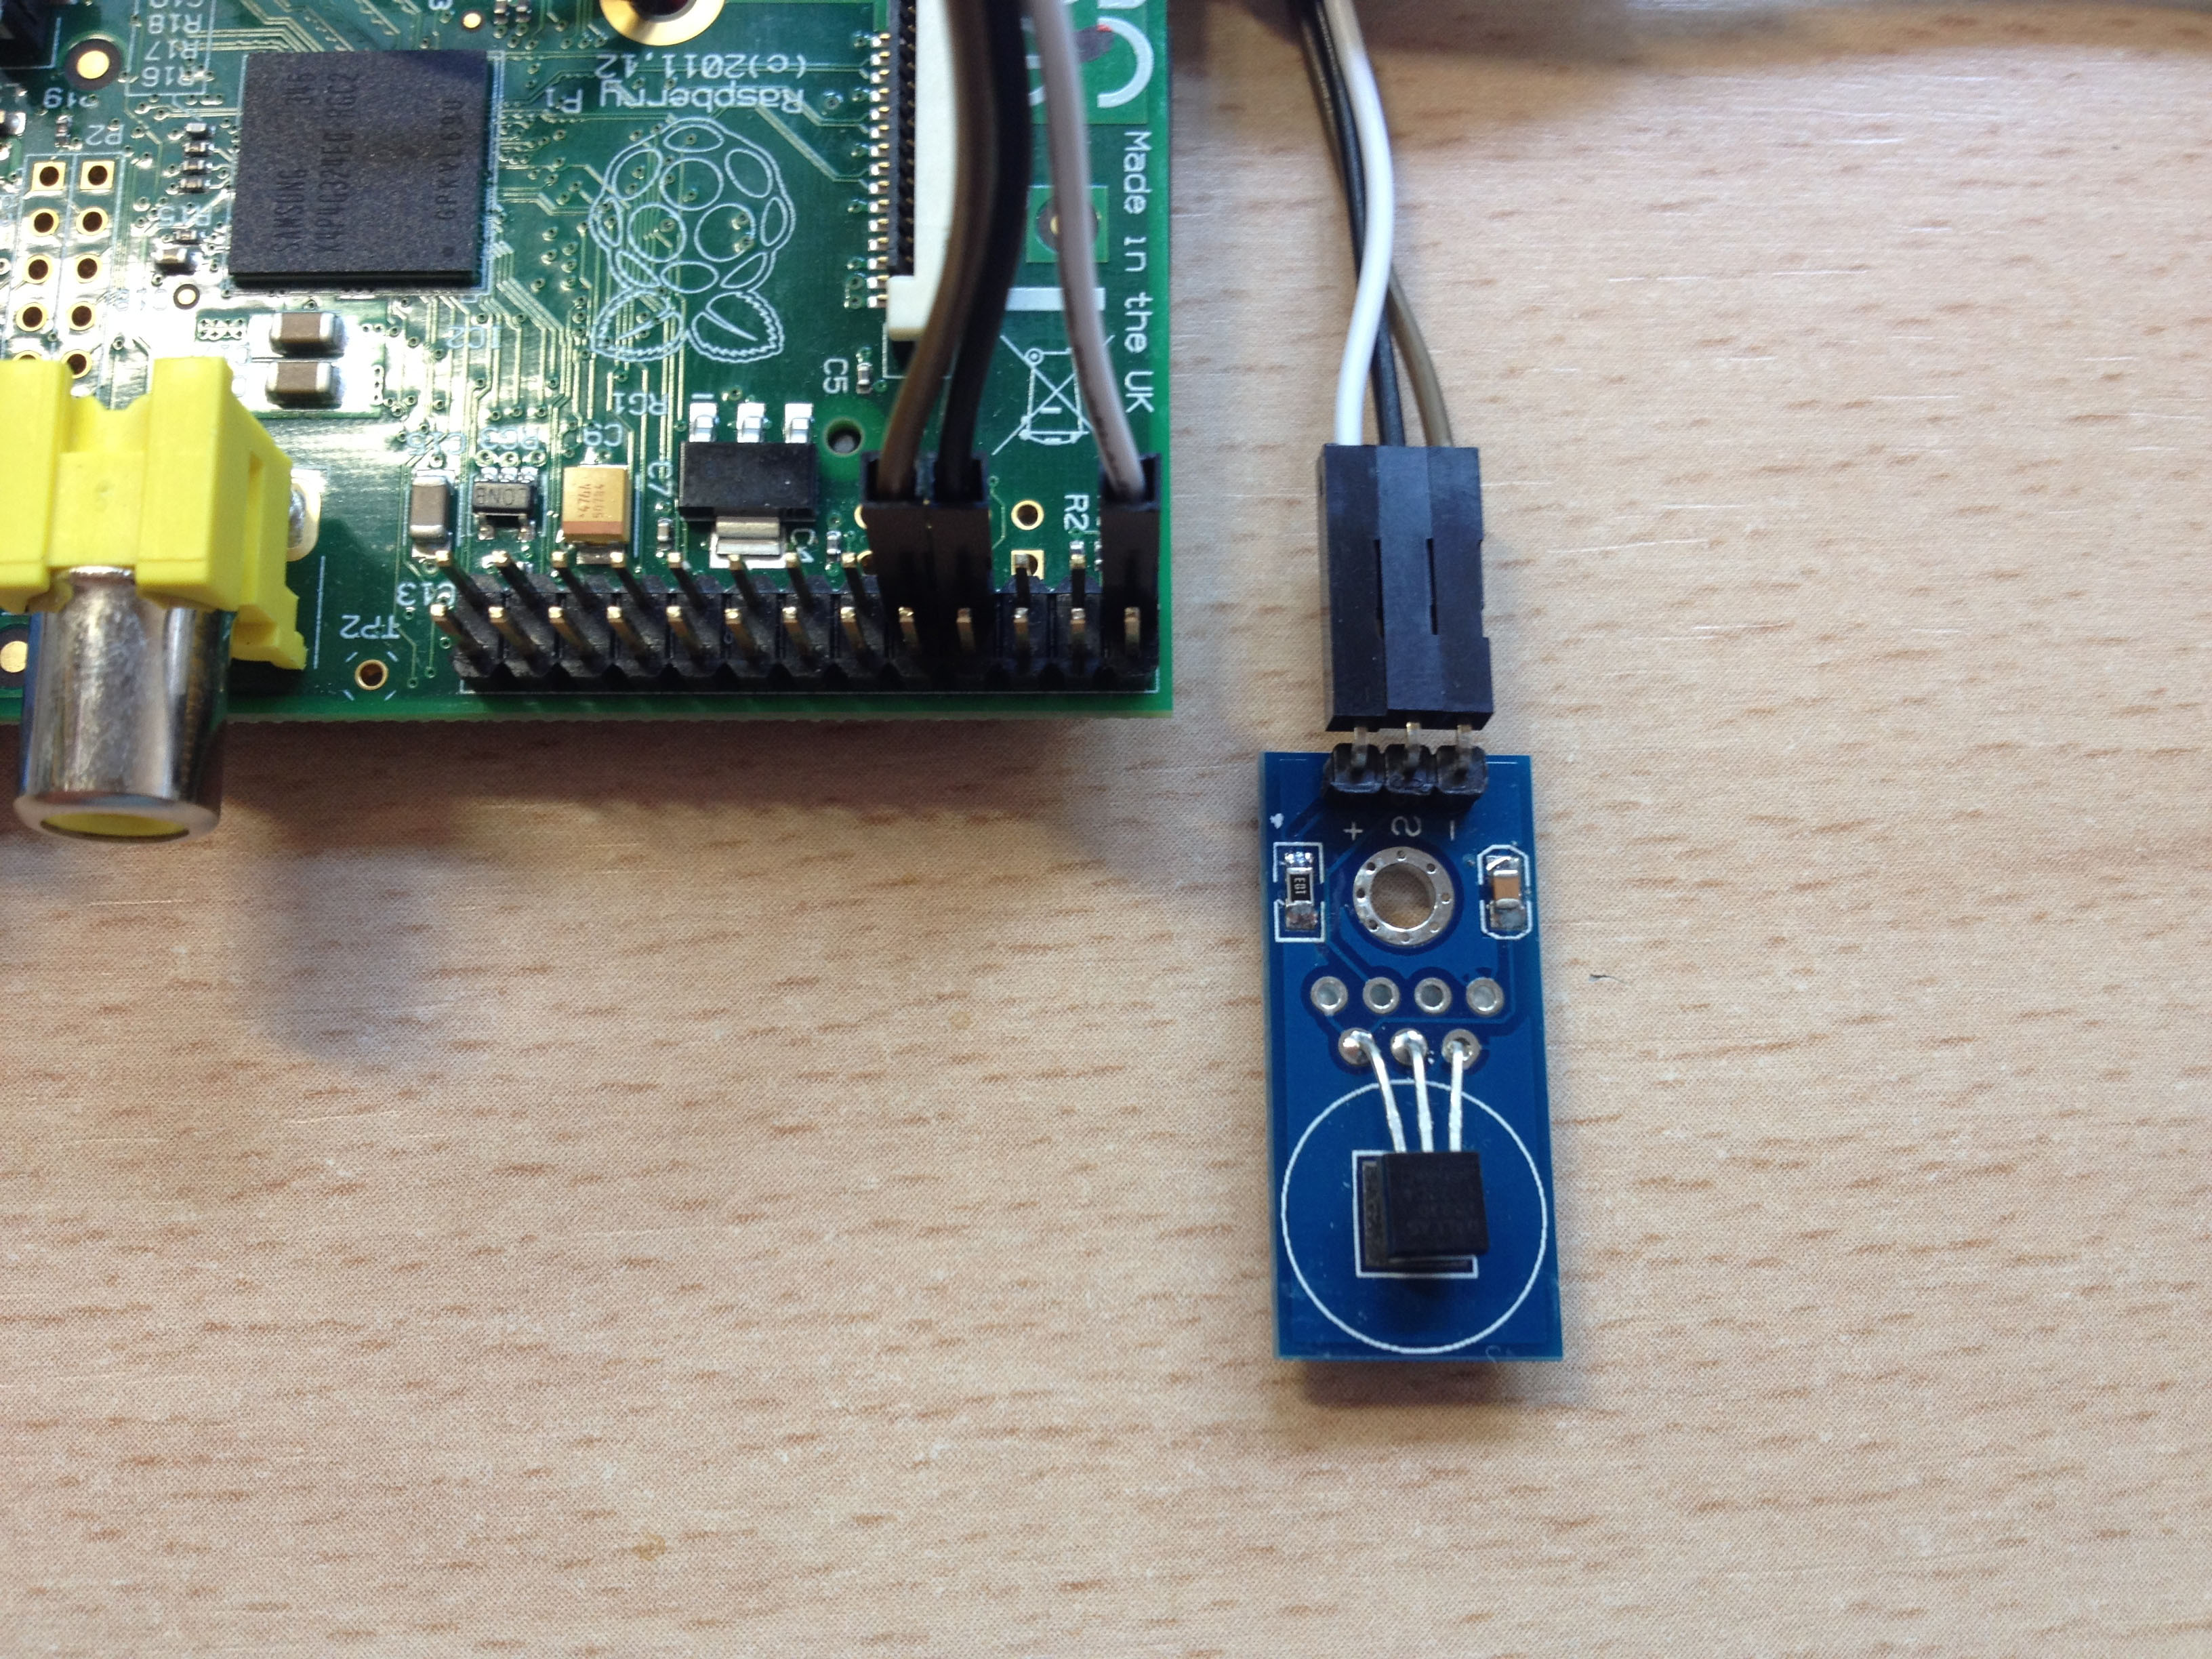 Módulo DS18B20 conectado a la Raspberry Pi B